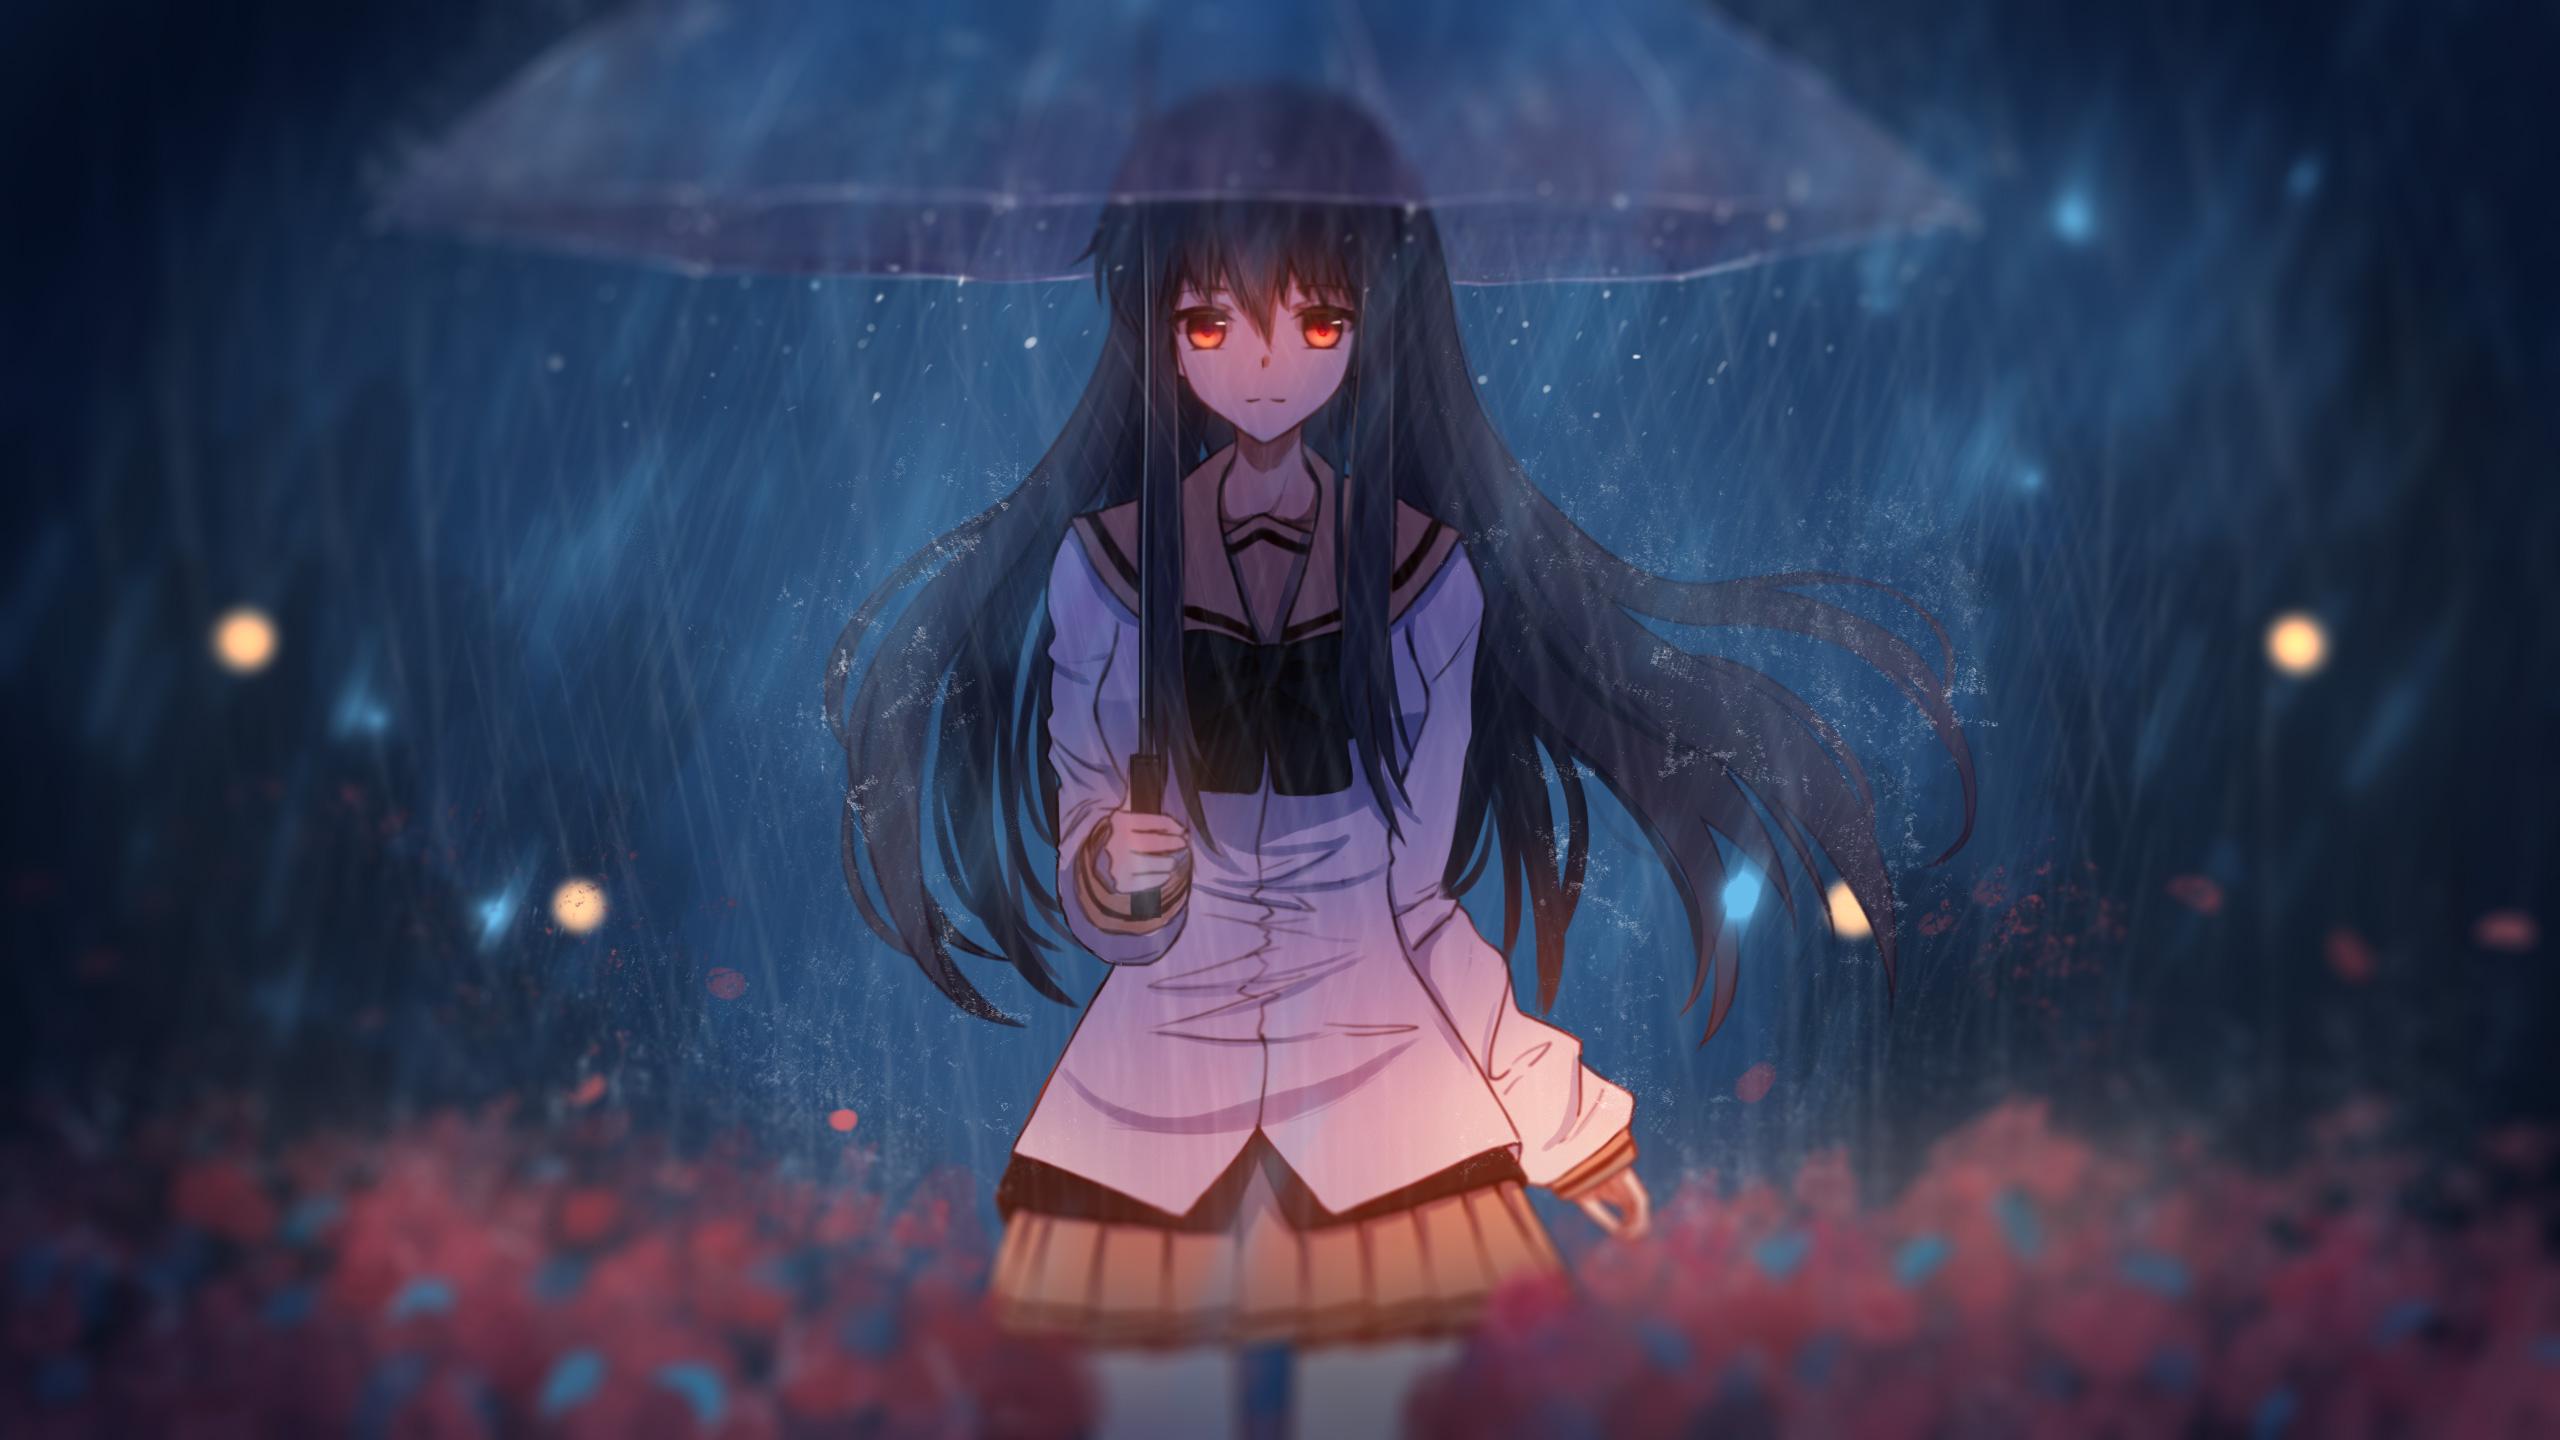 Anime Girl With Umbrella Art, HD Anime, 4k Wallpapers ...